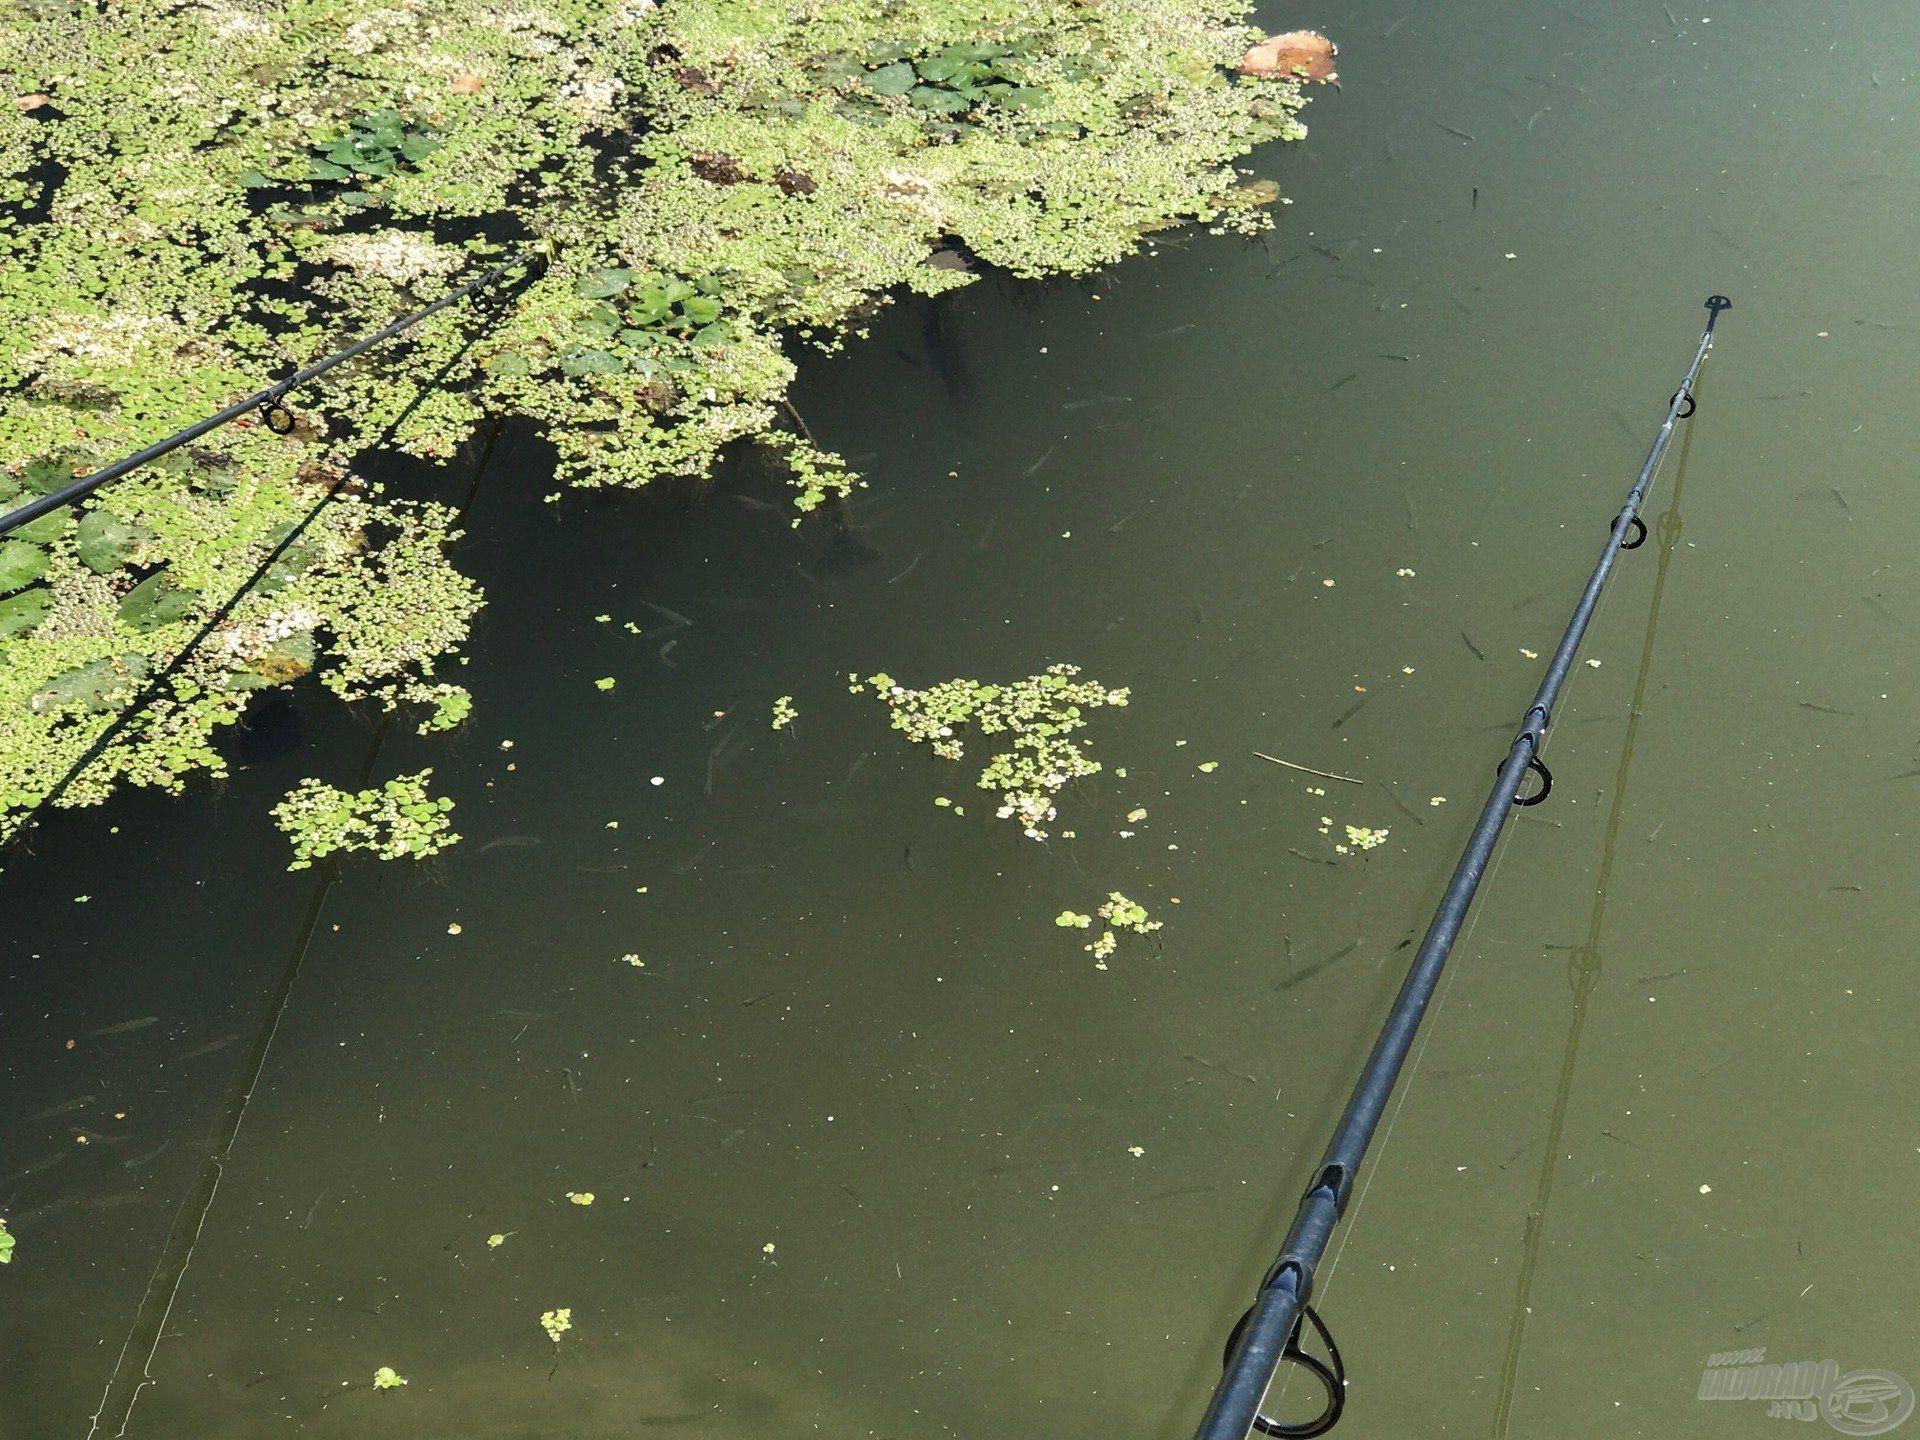 A vízi forgalom miatt a spicceket a víz felszíne alá engedtem